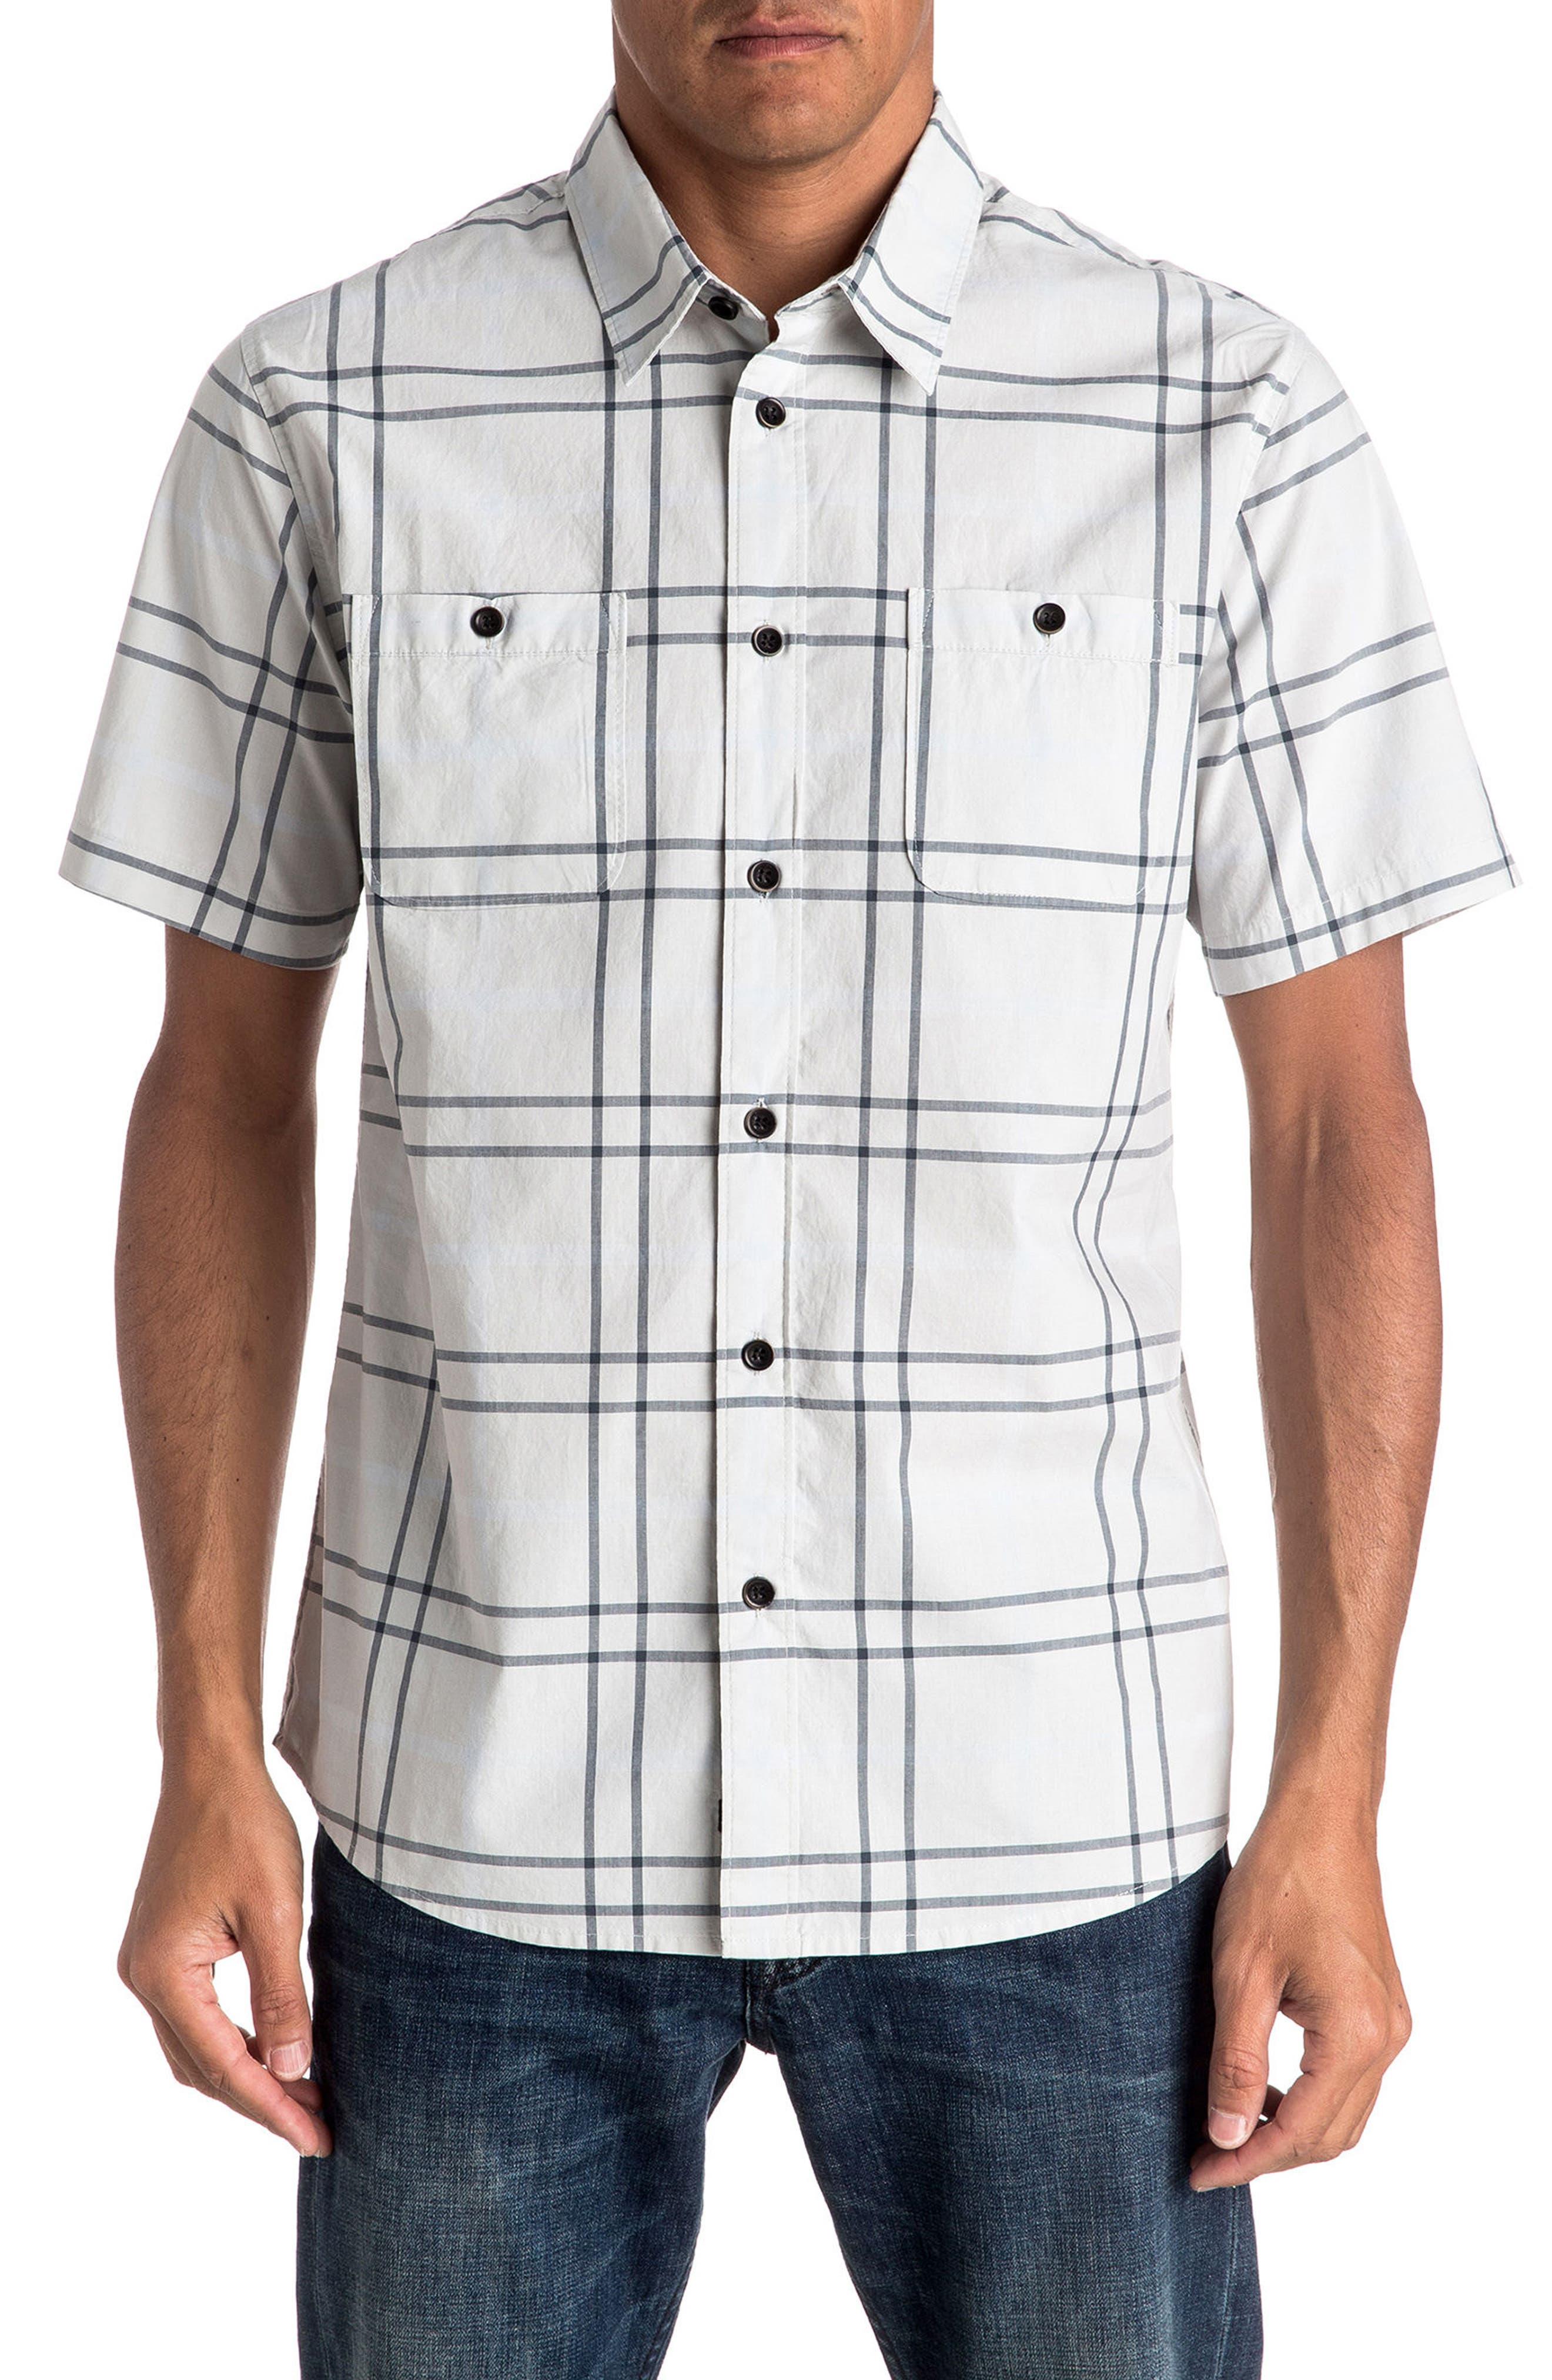 Quiksilver Grandview Short Sleeve Sport Shirt